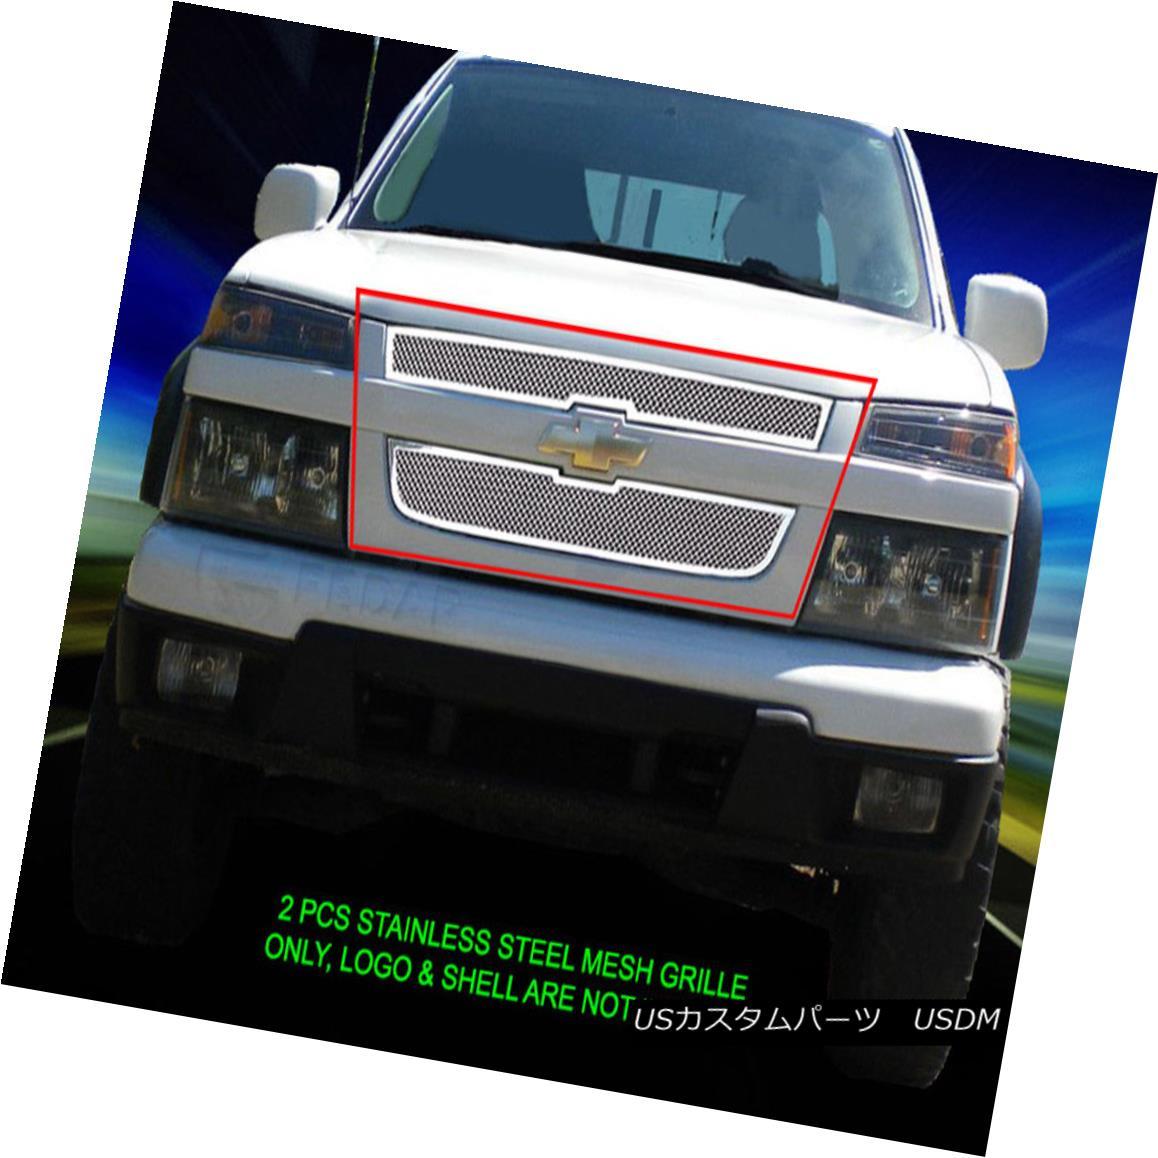 グリル 04-12 Chevy Colorado Stainless Steel Mesh Grille Grill Insert Fedar 04-12 Chevy Coloradoステンレスメッシュグリルグリルインサートフェルダー